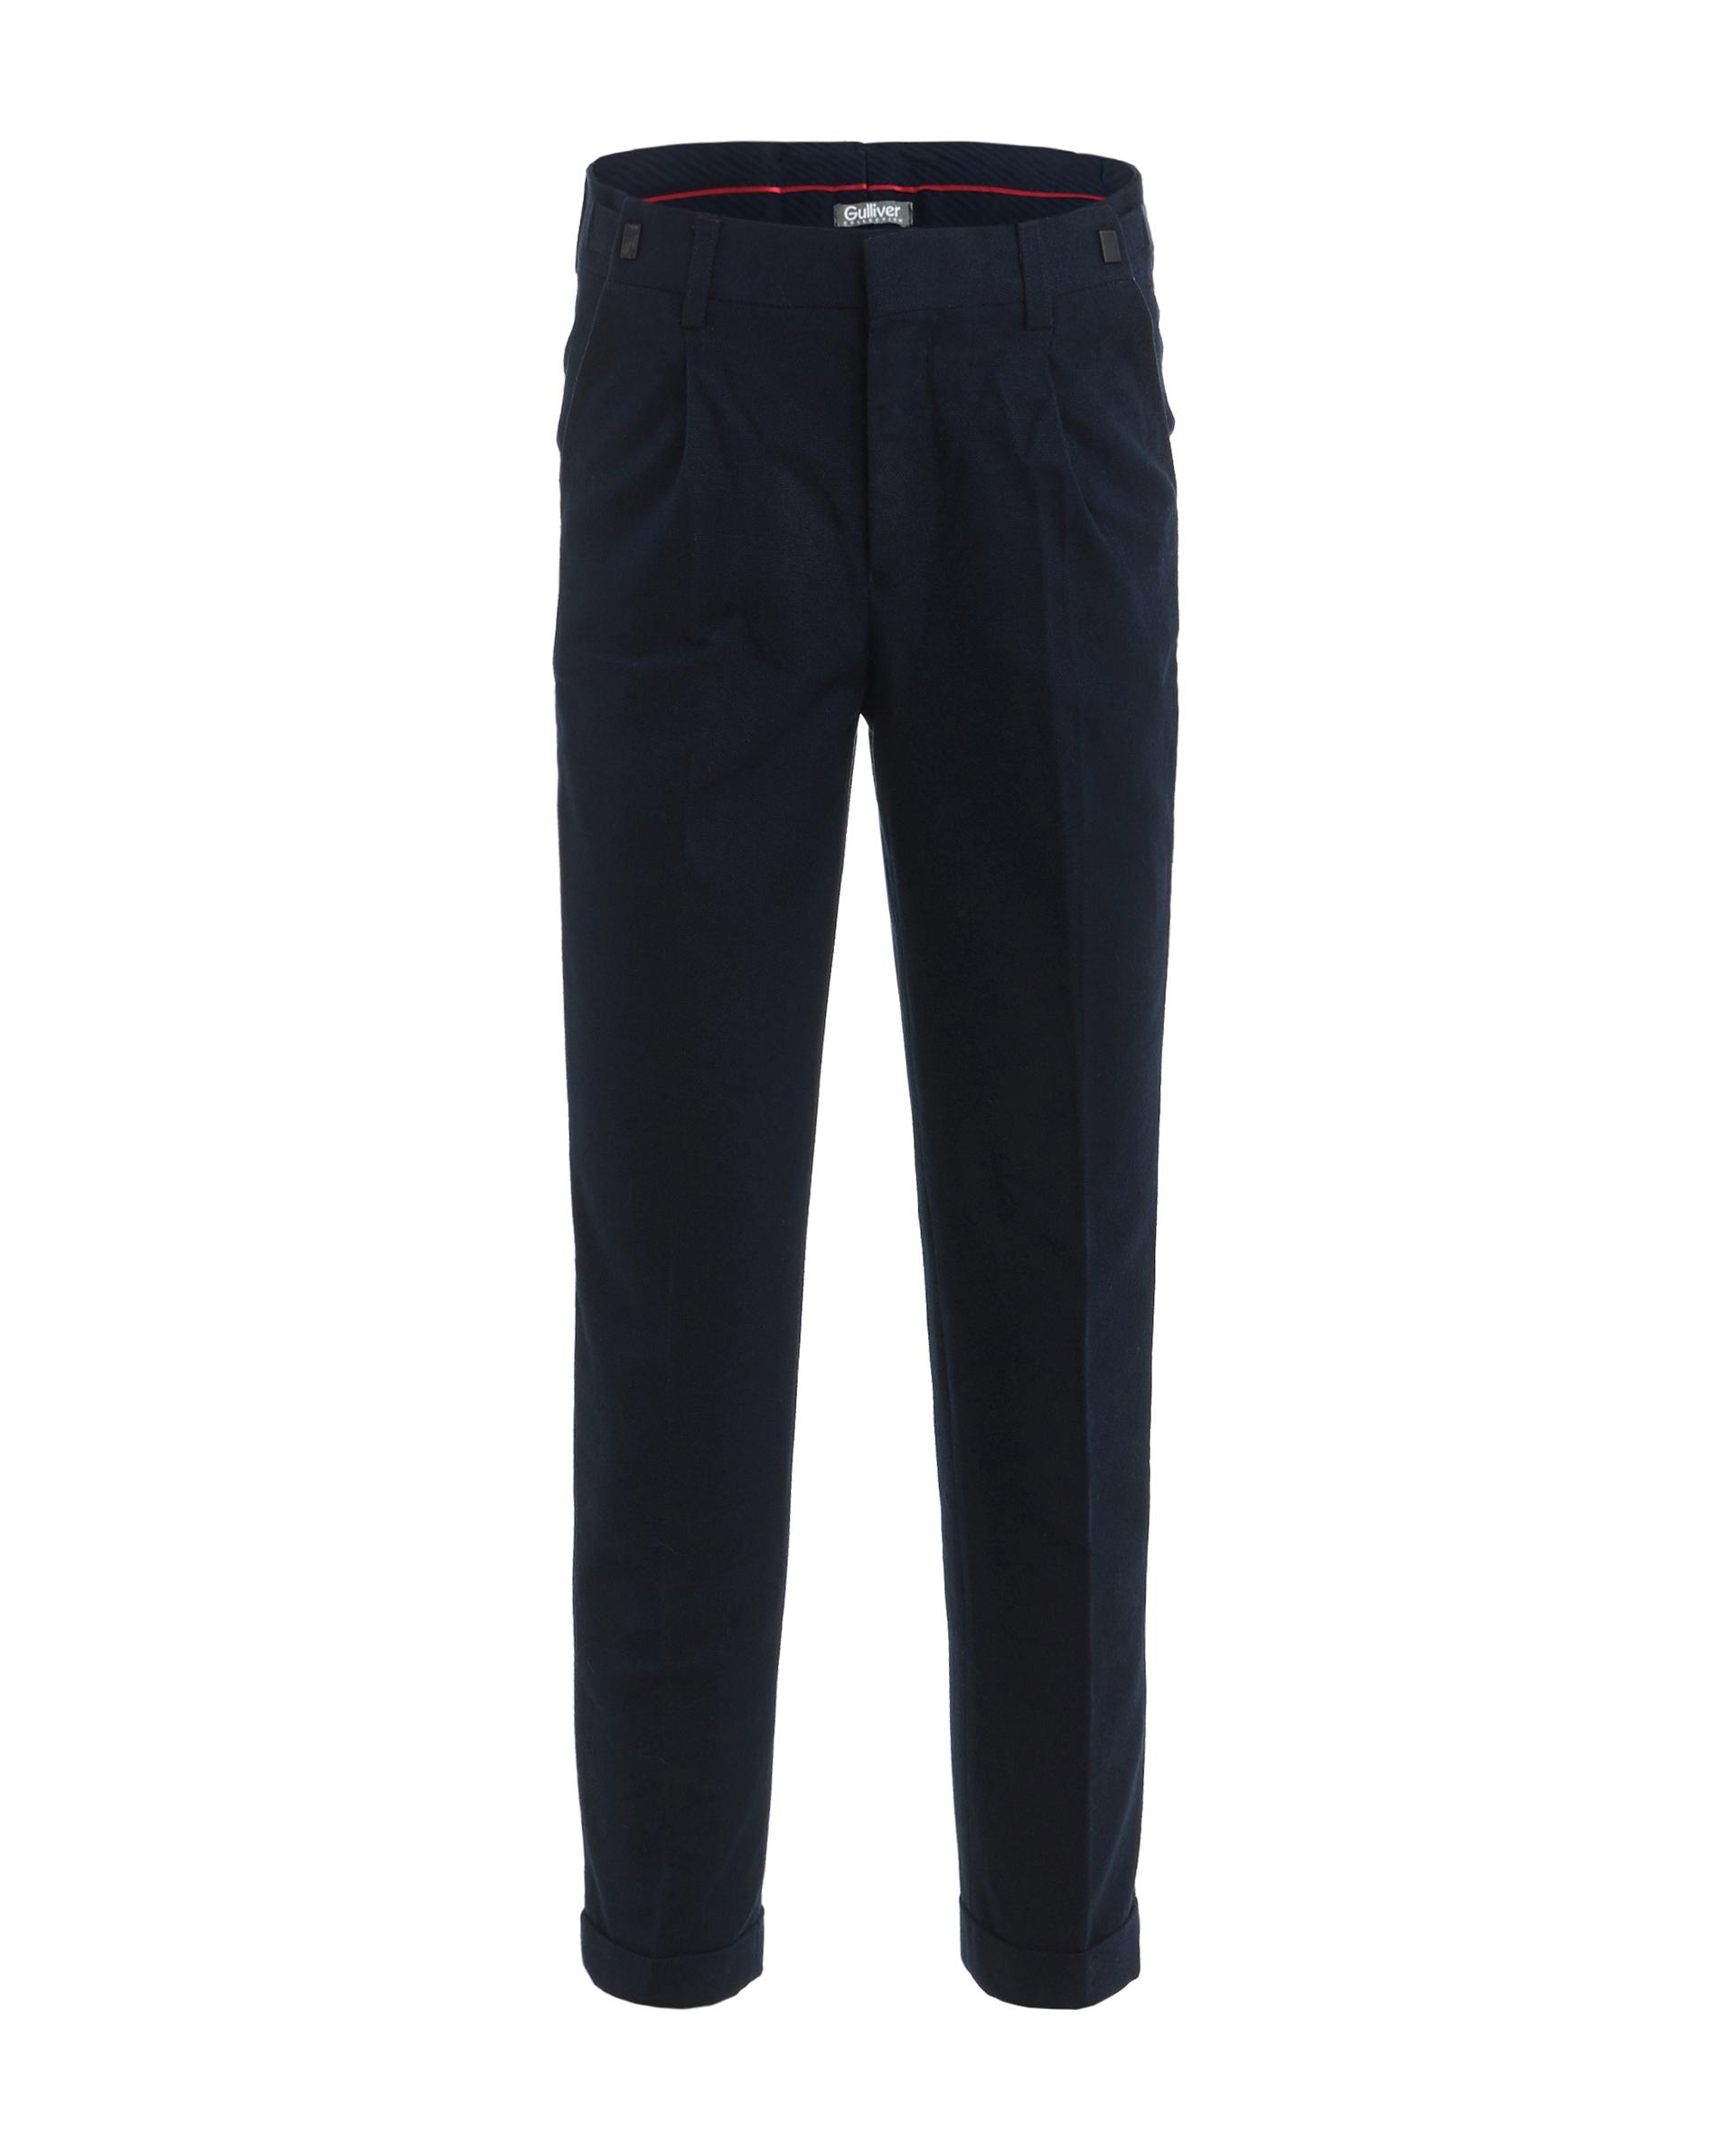 Купить 219GSBC6304, Синие твидовые брюки Gulliver, синий, 128, Мужской, ШКОЛЬНАЯ ФОРМА 2019-2020 (shop: GulliverMarket Gulliver Market)